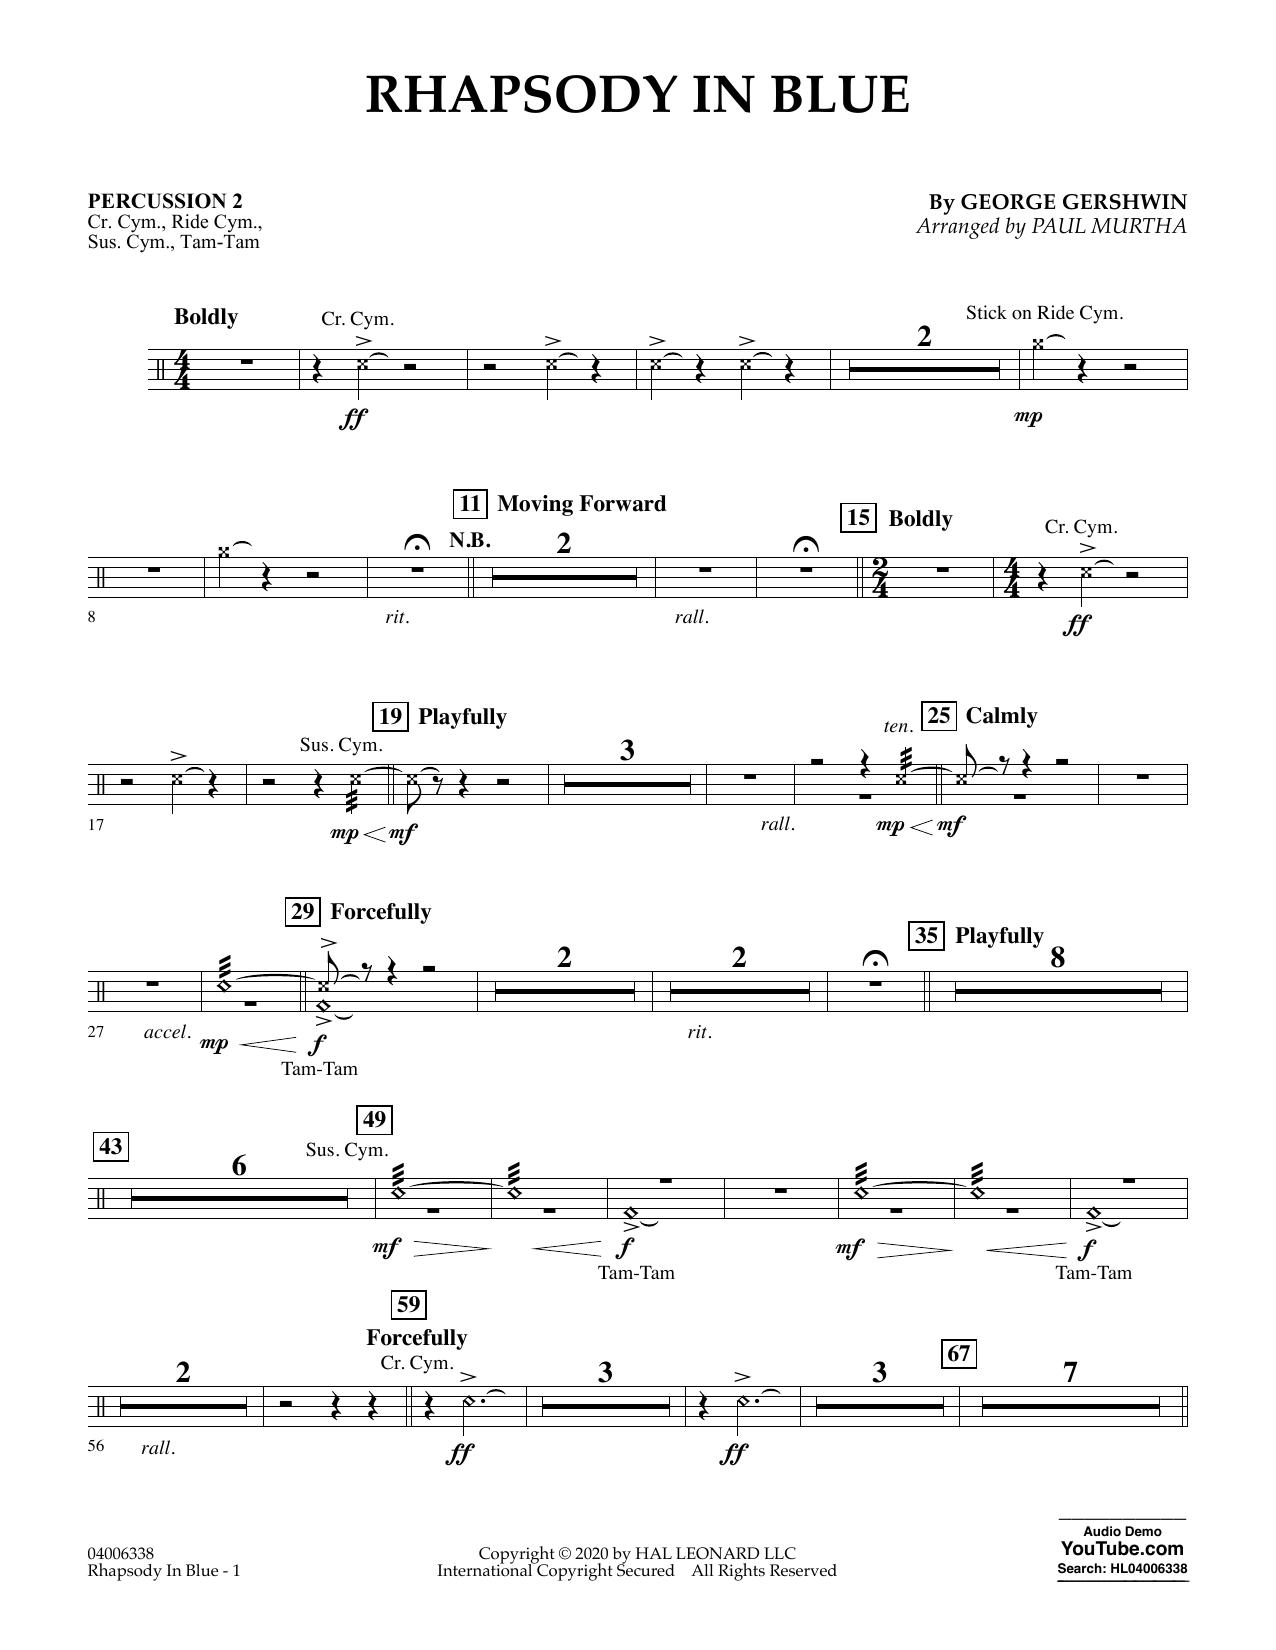 Rhapsody in Blue (arr. Paul Murtha) - Percussion 2 (Flex-Band)